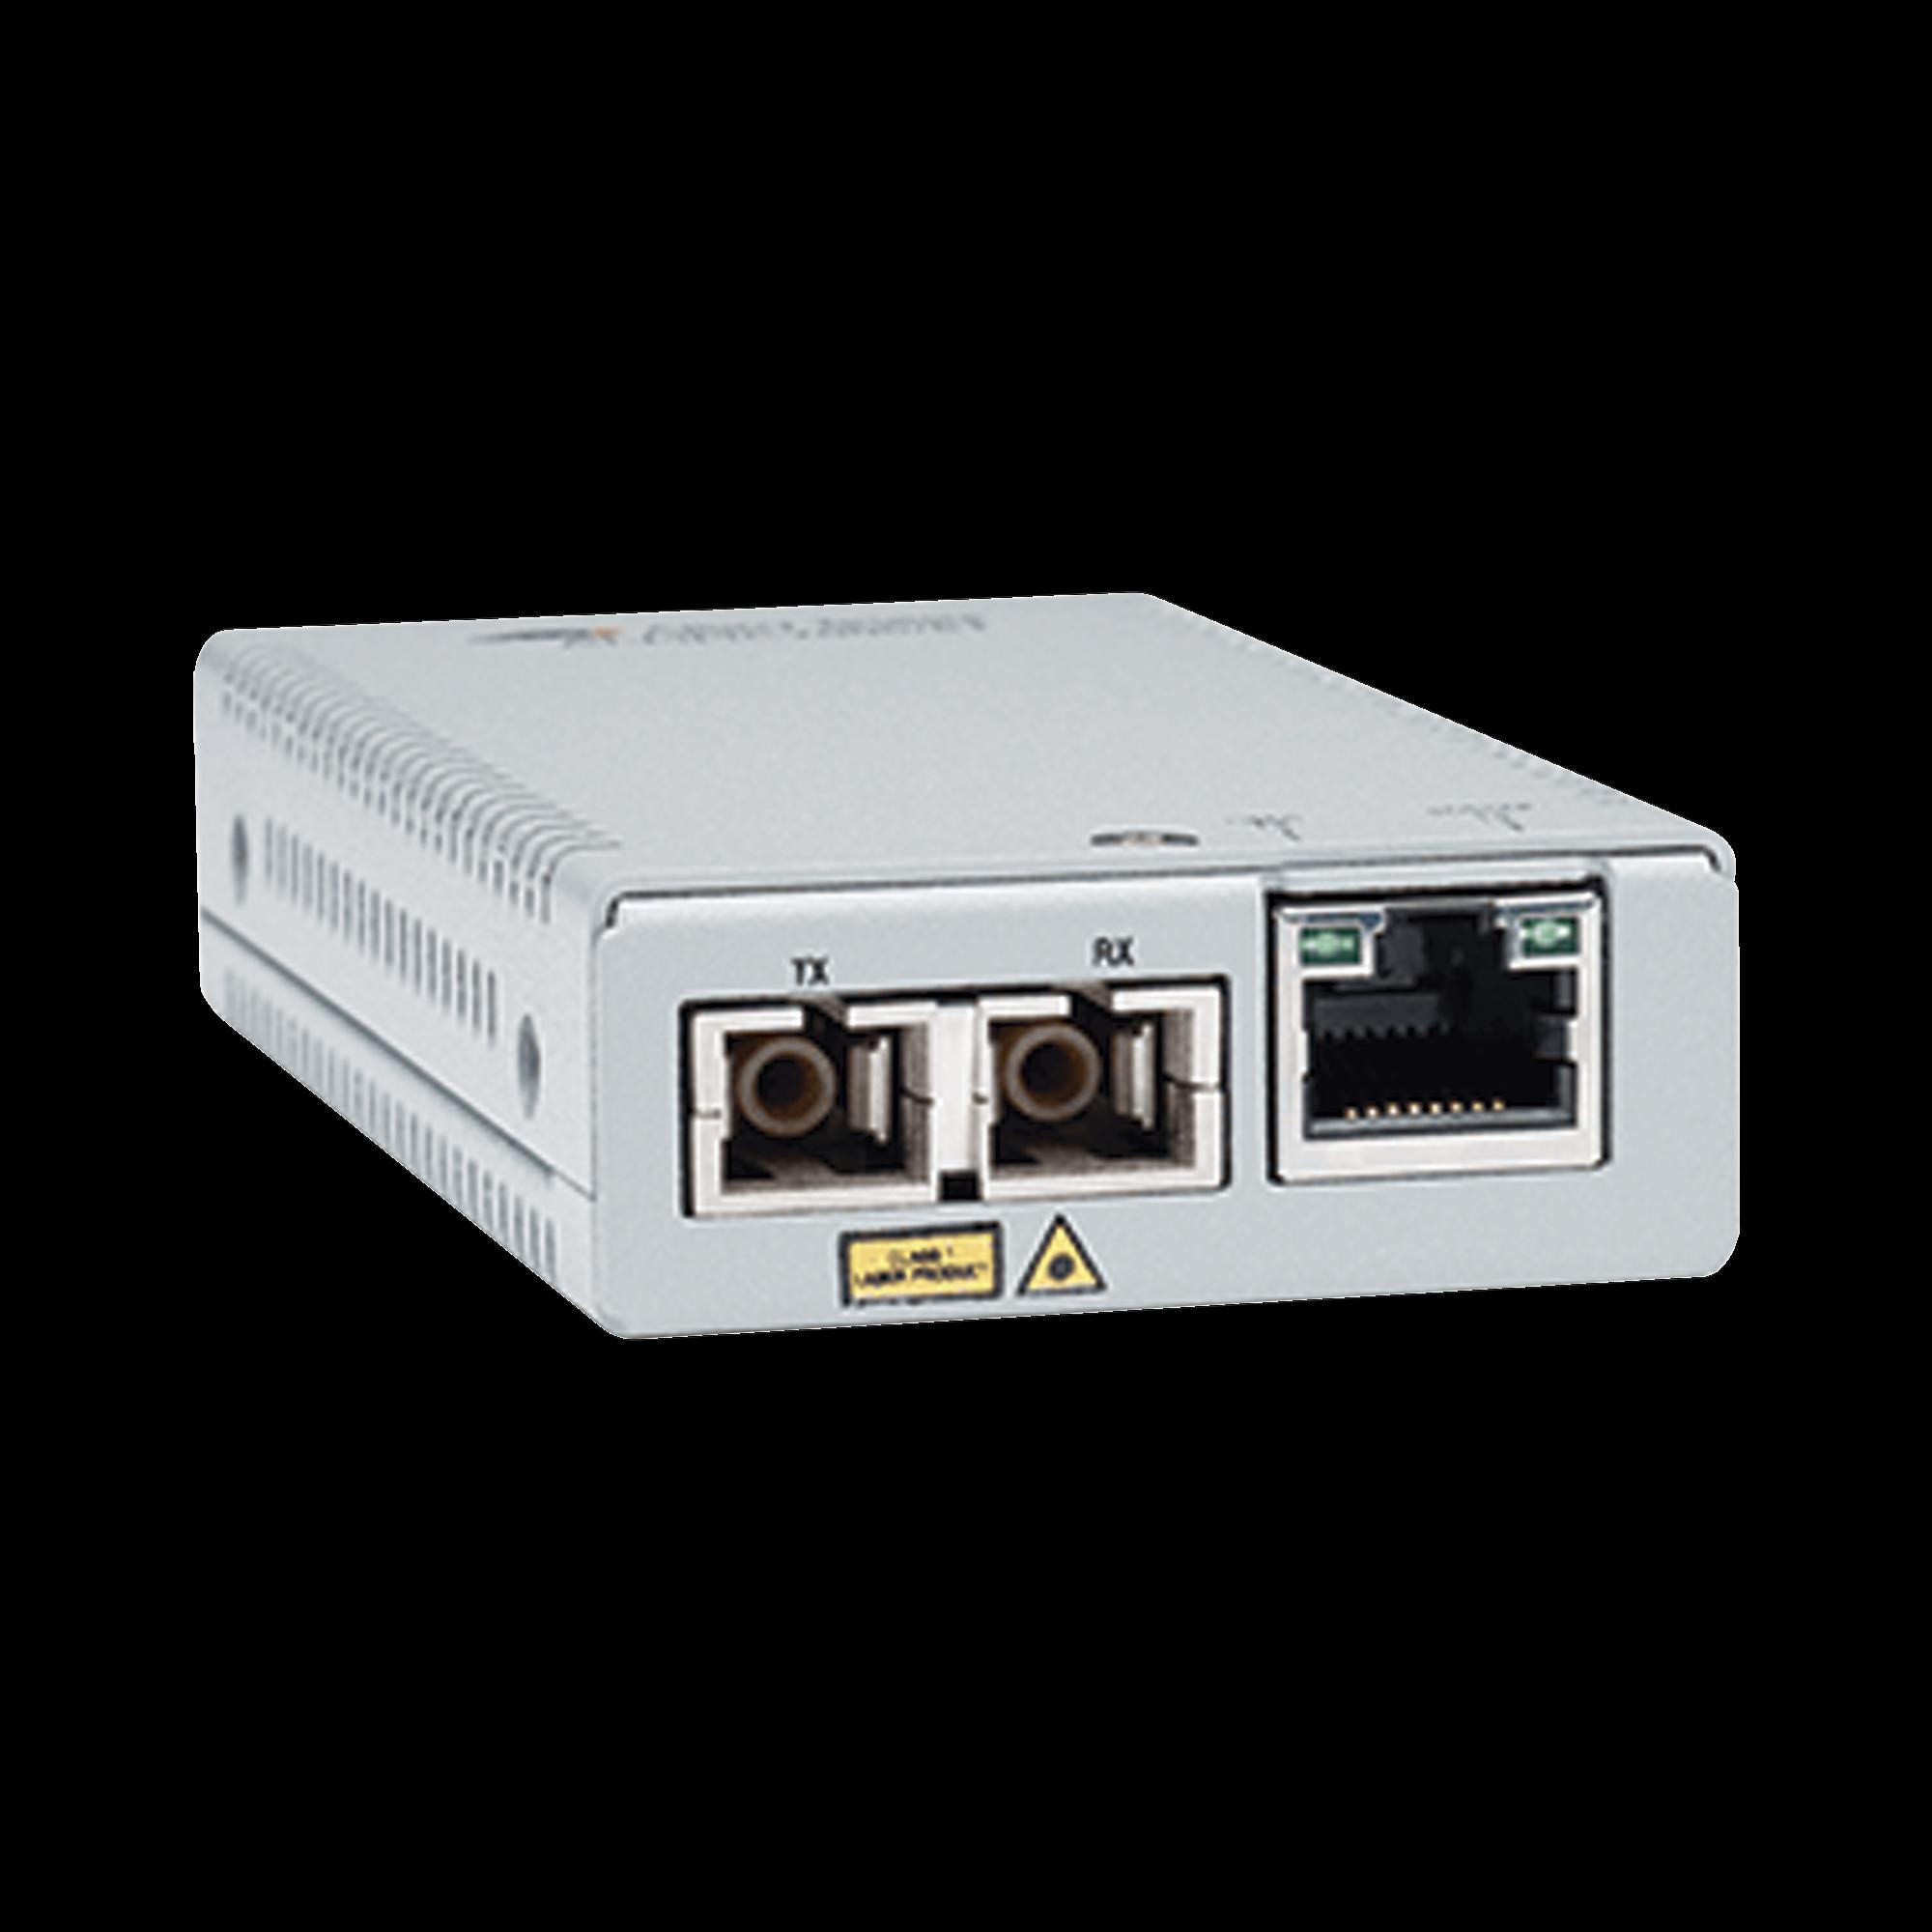 Convertidor de medios gigabit ethernet a fibra óptica, conector SC, multimodo (MMF), distancia de 220 hasta 500 m, con fuente de alimentación multi-región